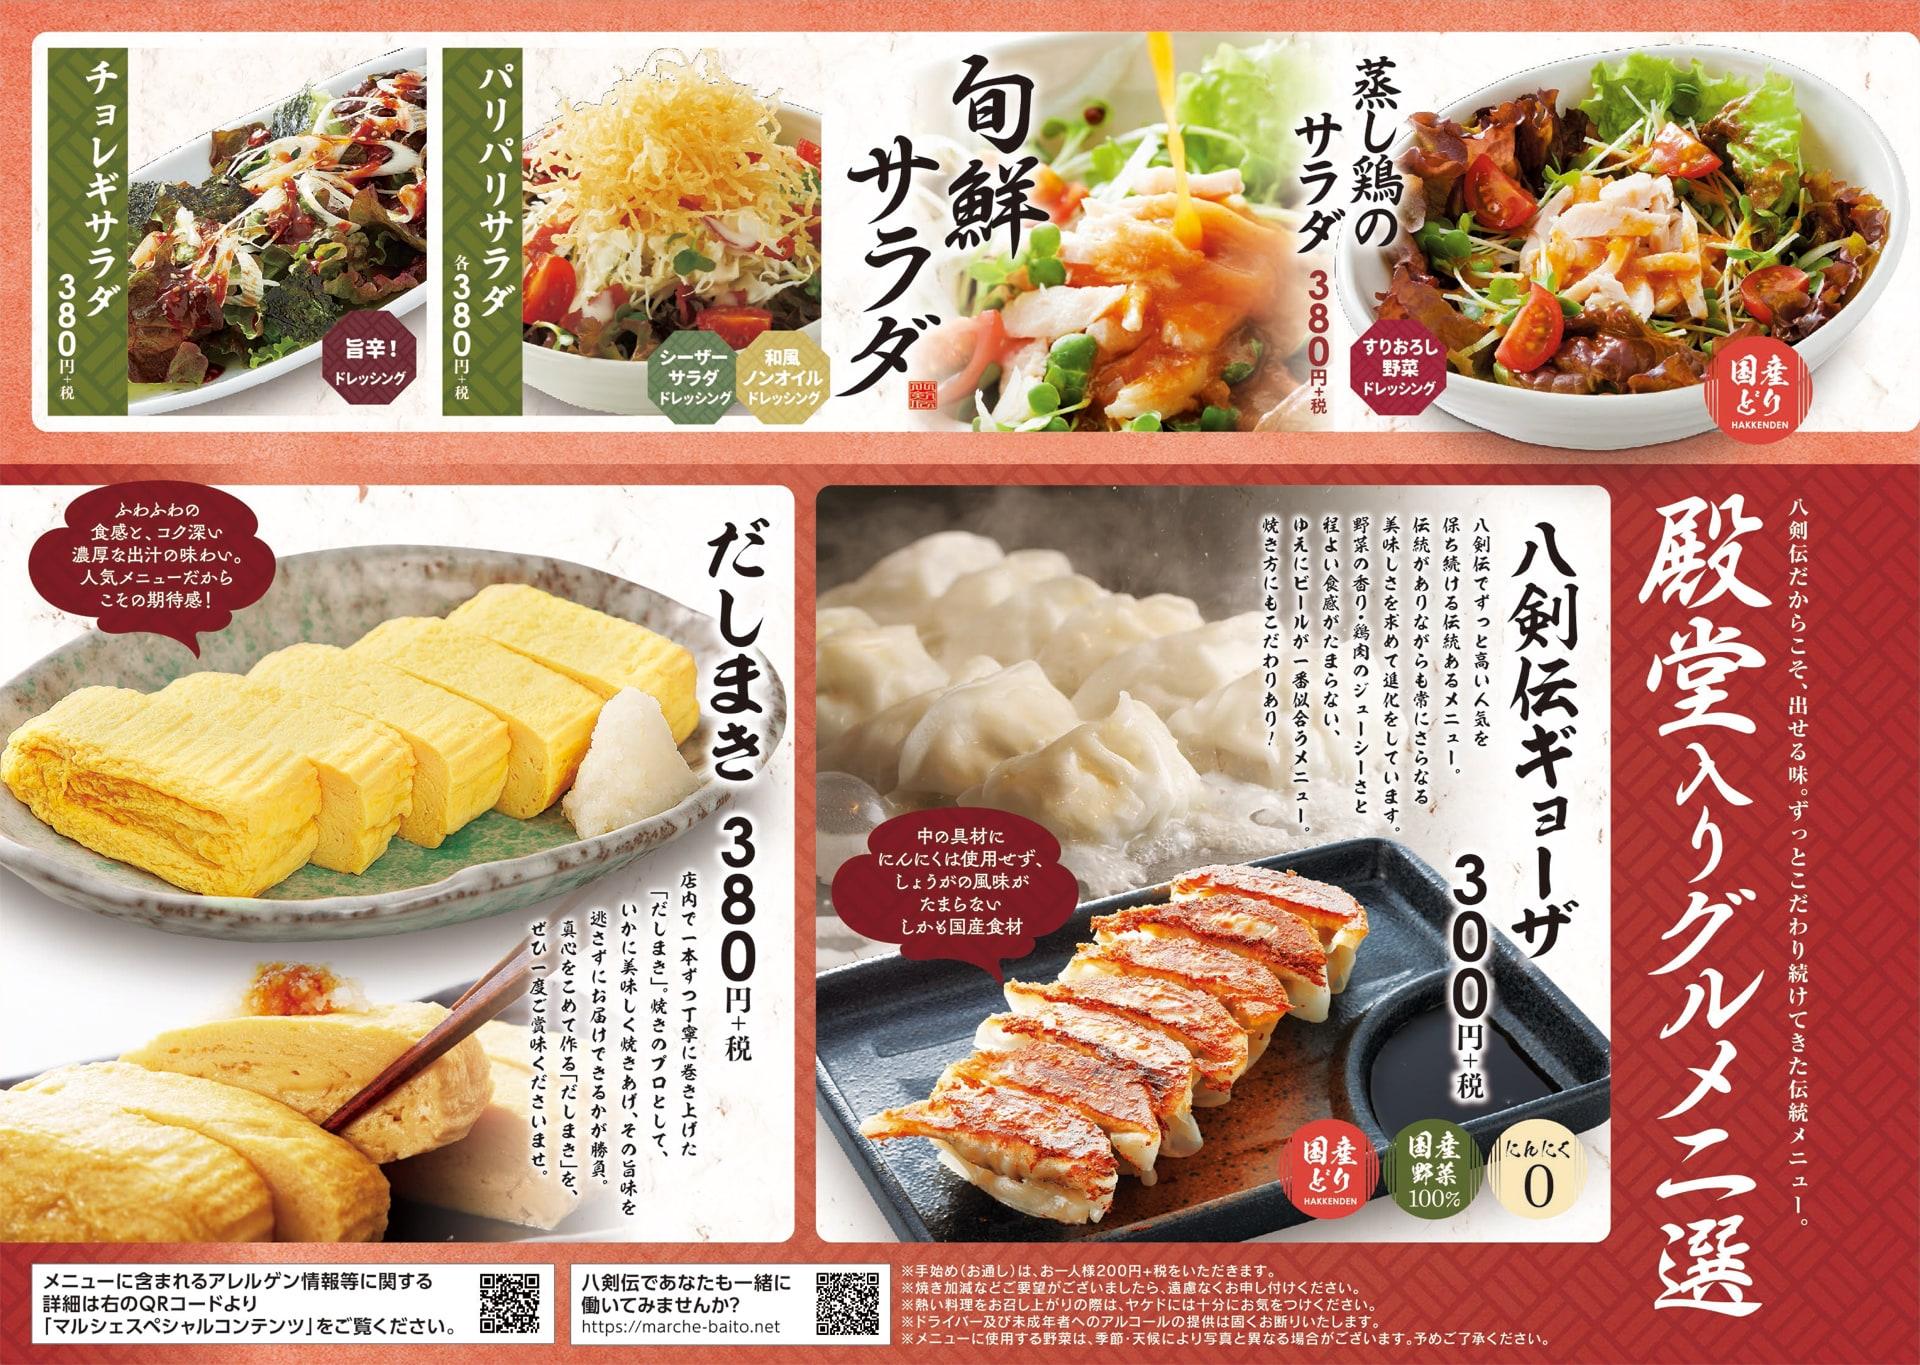 八剣伝 サラダ・殿堂入り逸品